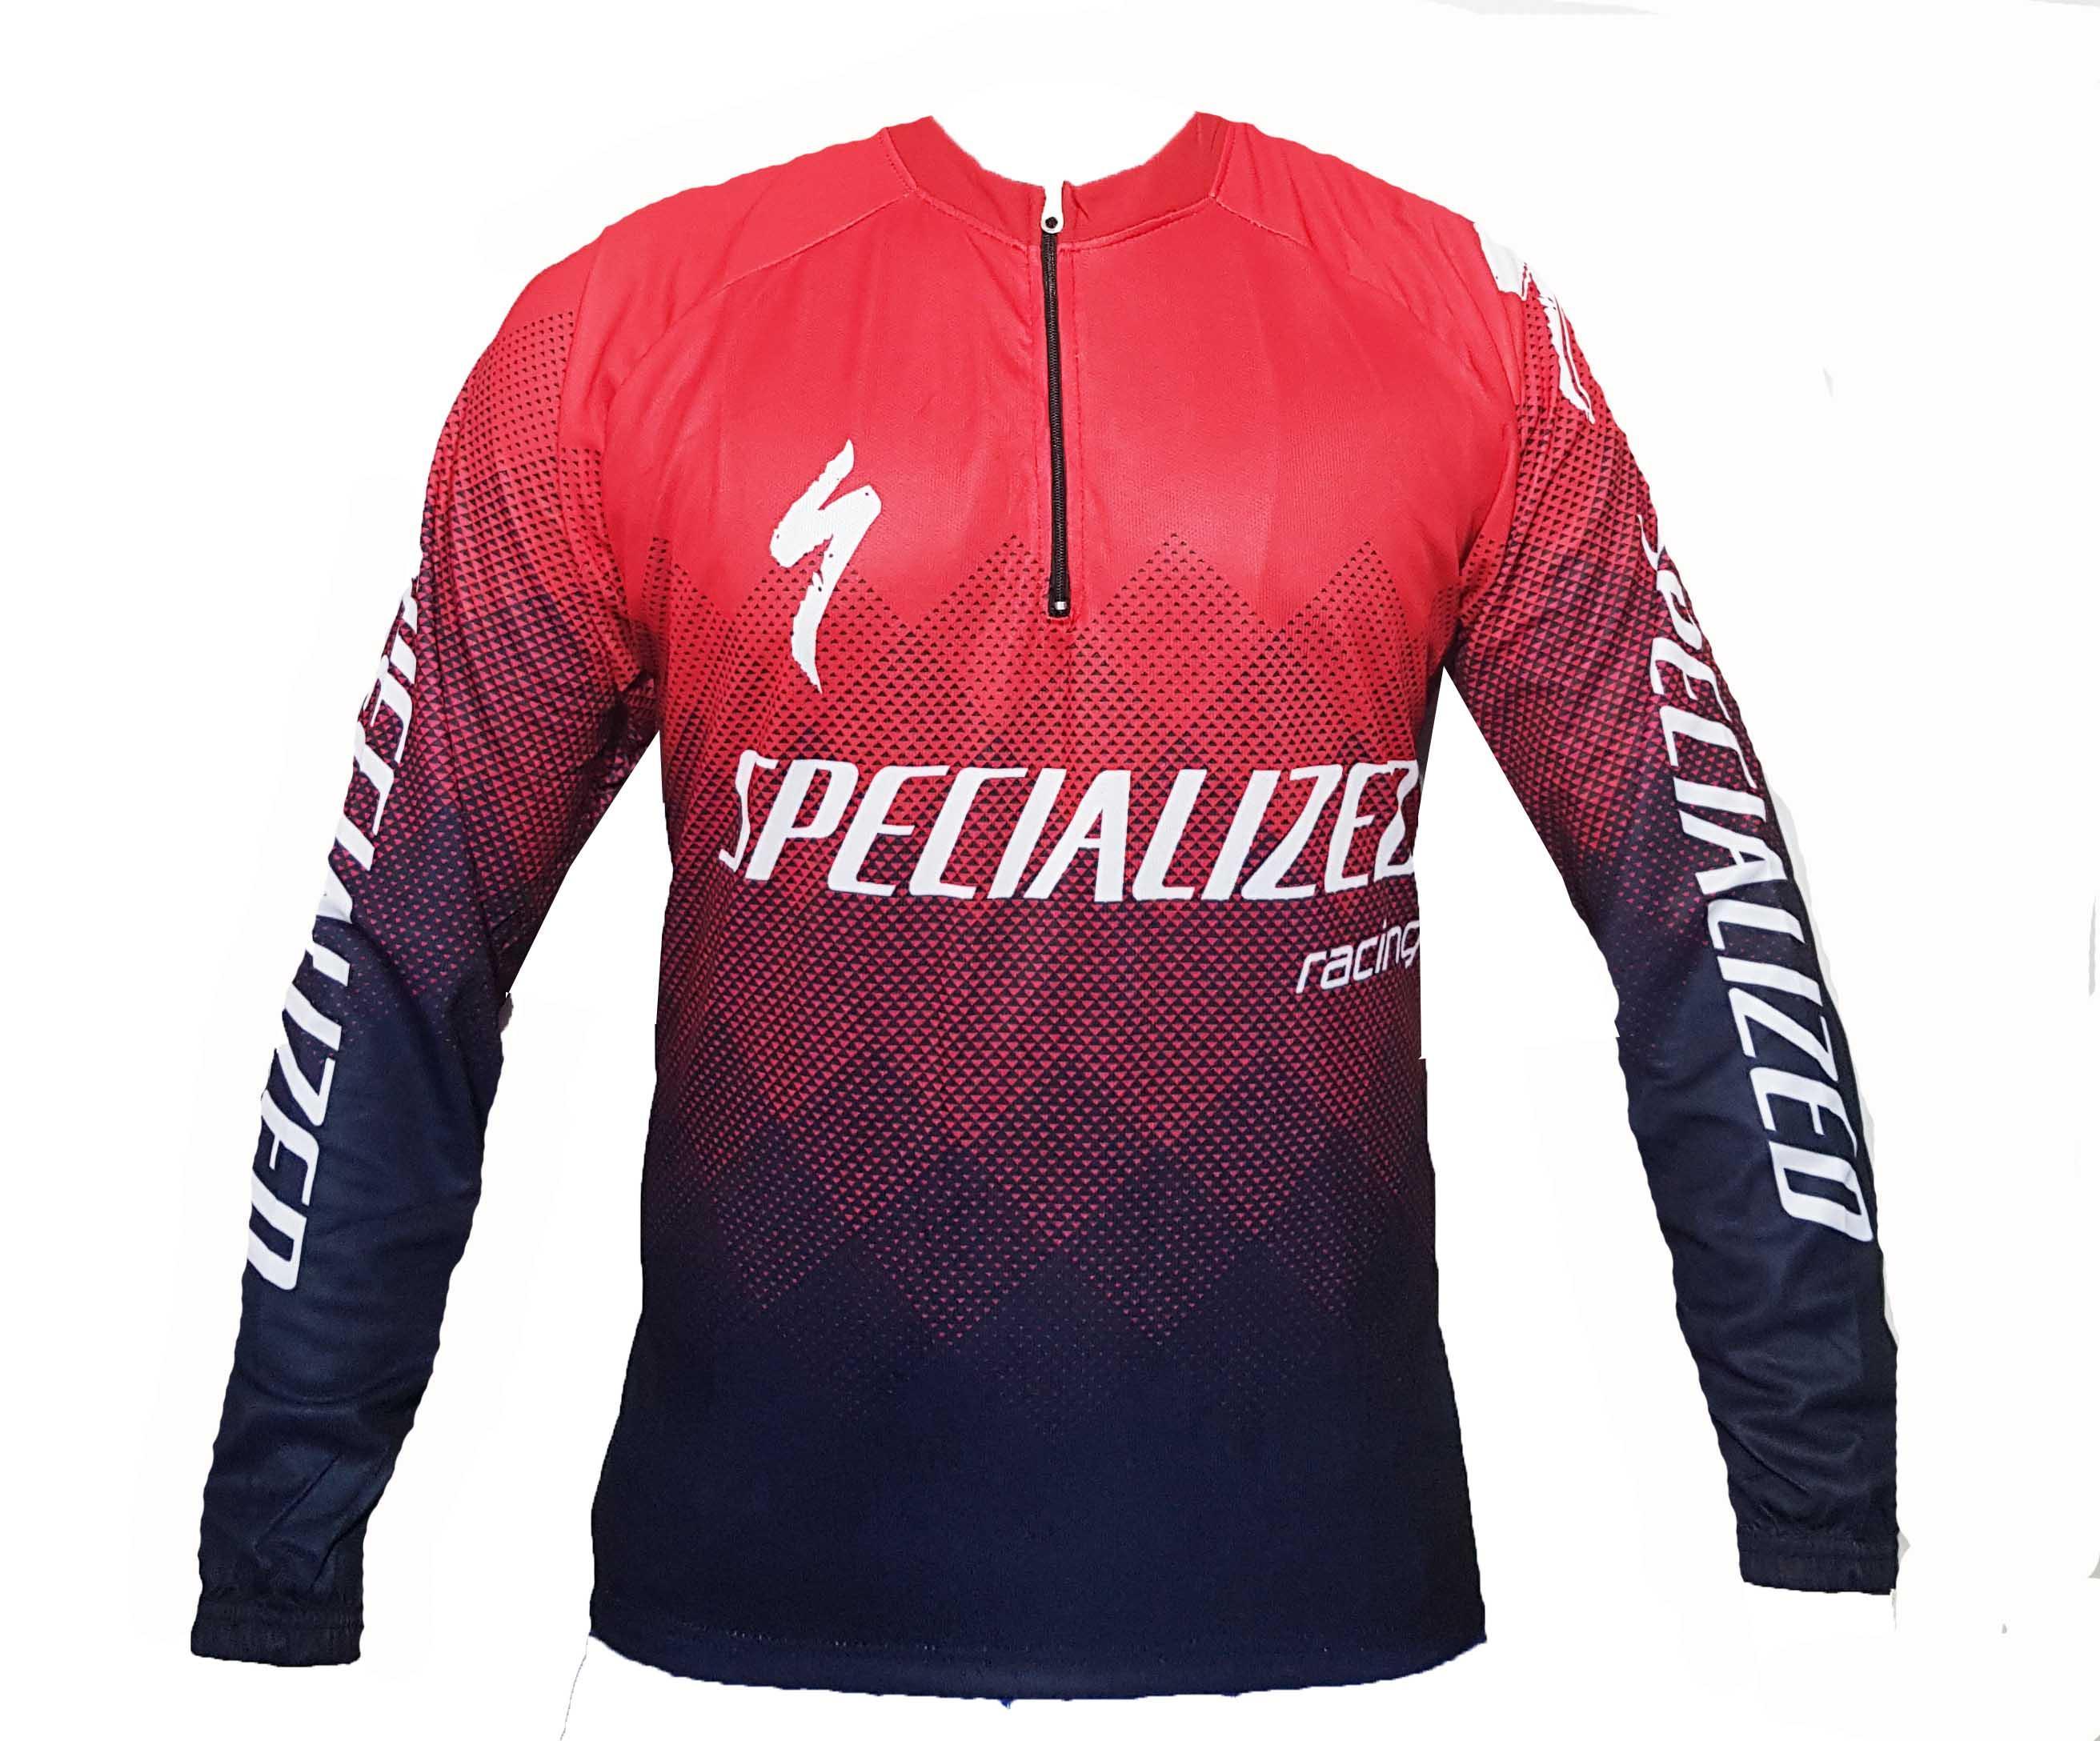 TentangOutdoor Jersey Sepeda Speciallized B089 - Jersey Sepeda MTB - Jersey Sepeda Roadbike - Baju Jersey